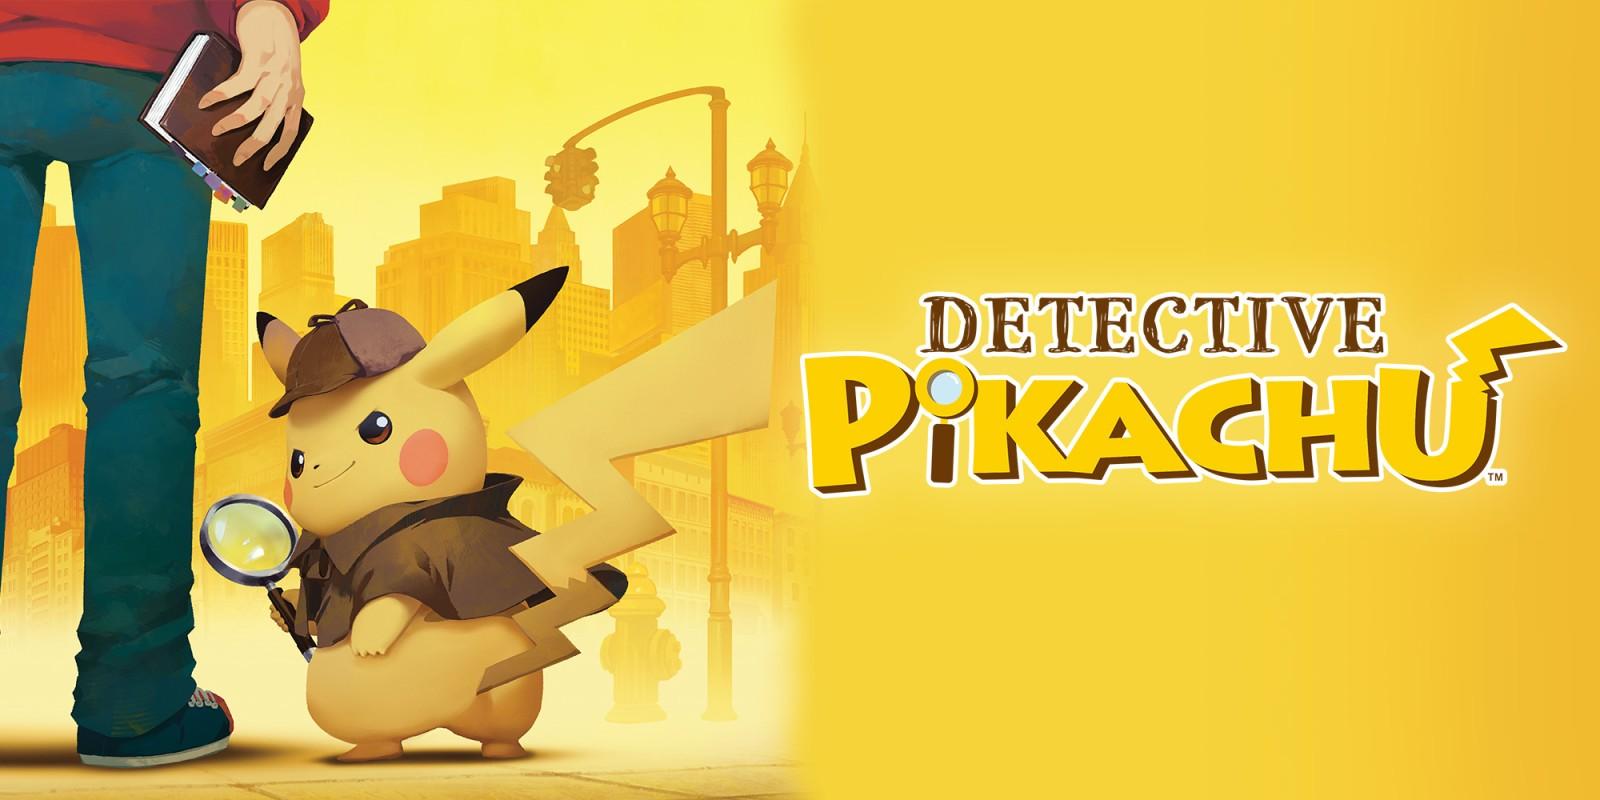 Detective pikachu front